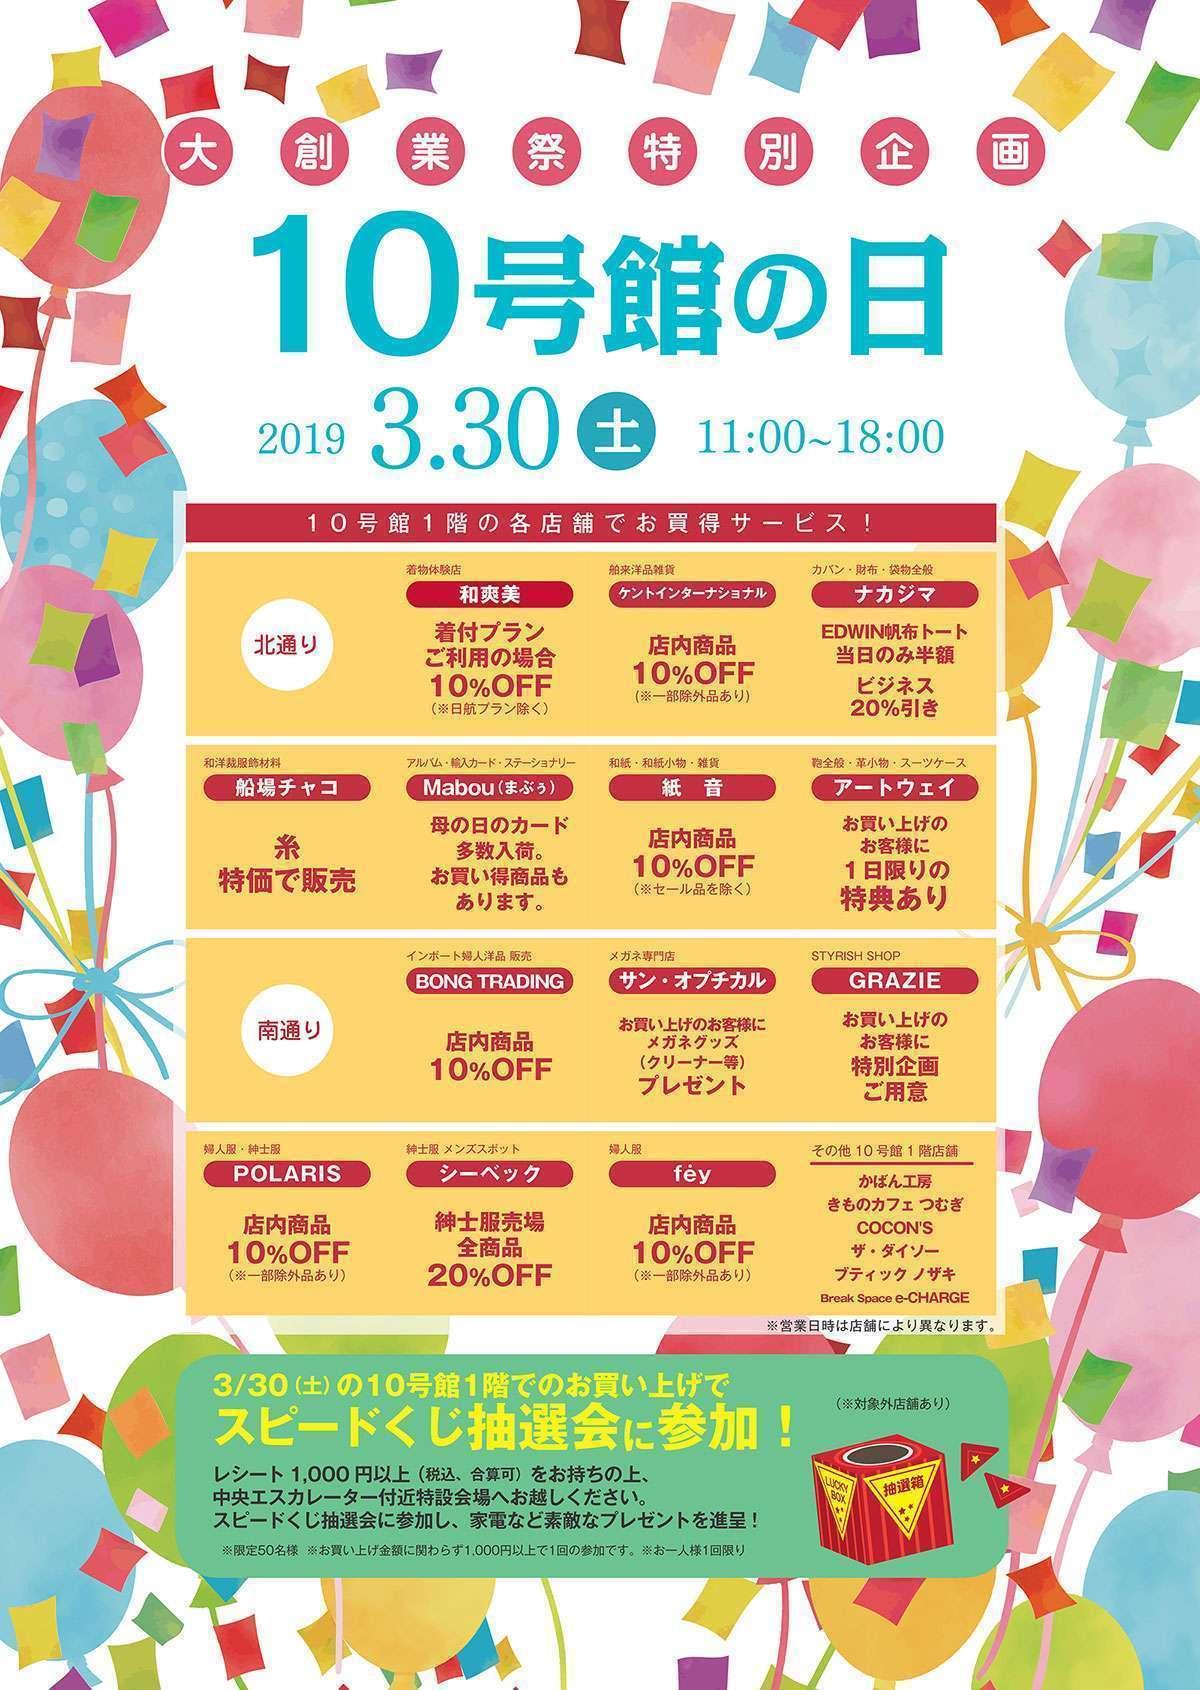 """【イベント】3月30日(土)限定!""""大創業祭特別企画"""" 10号館の日!"""